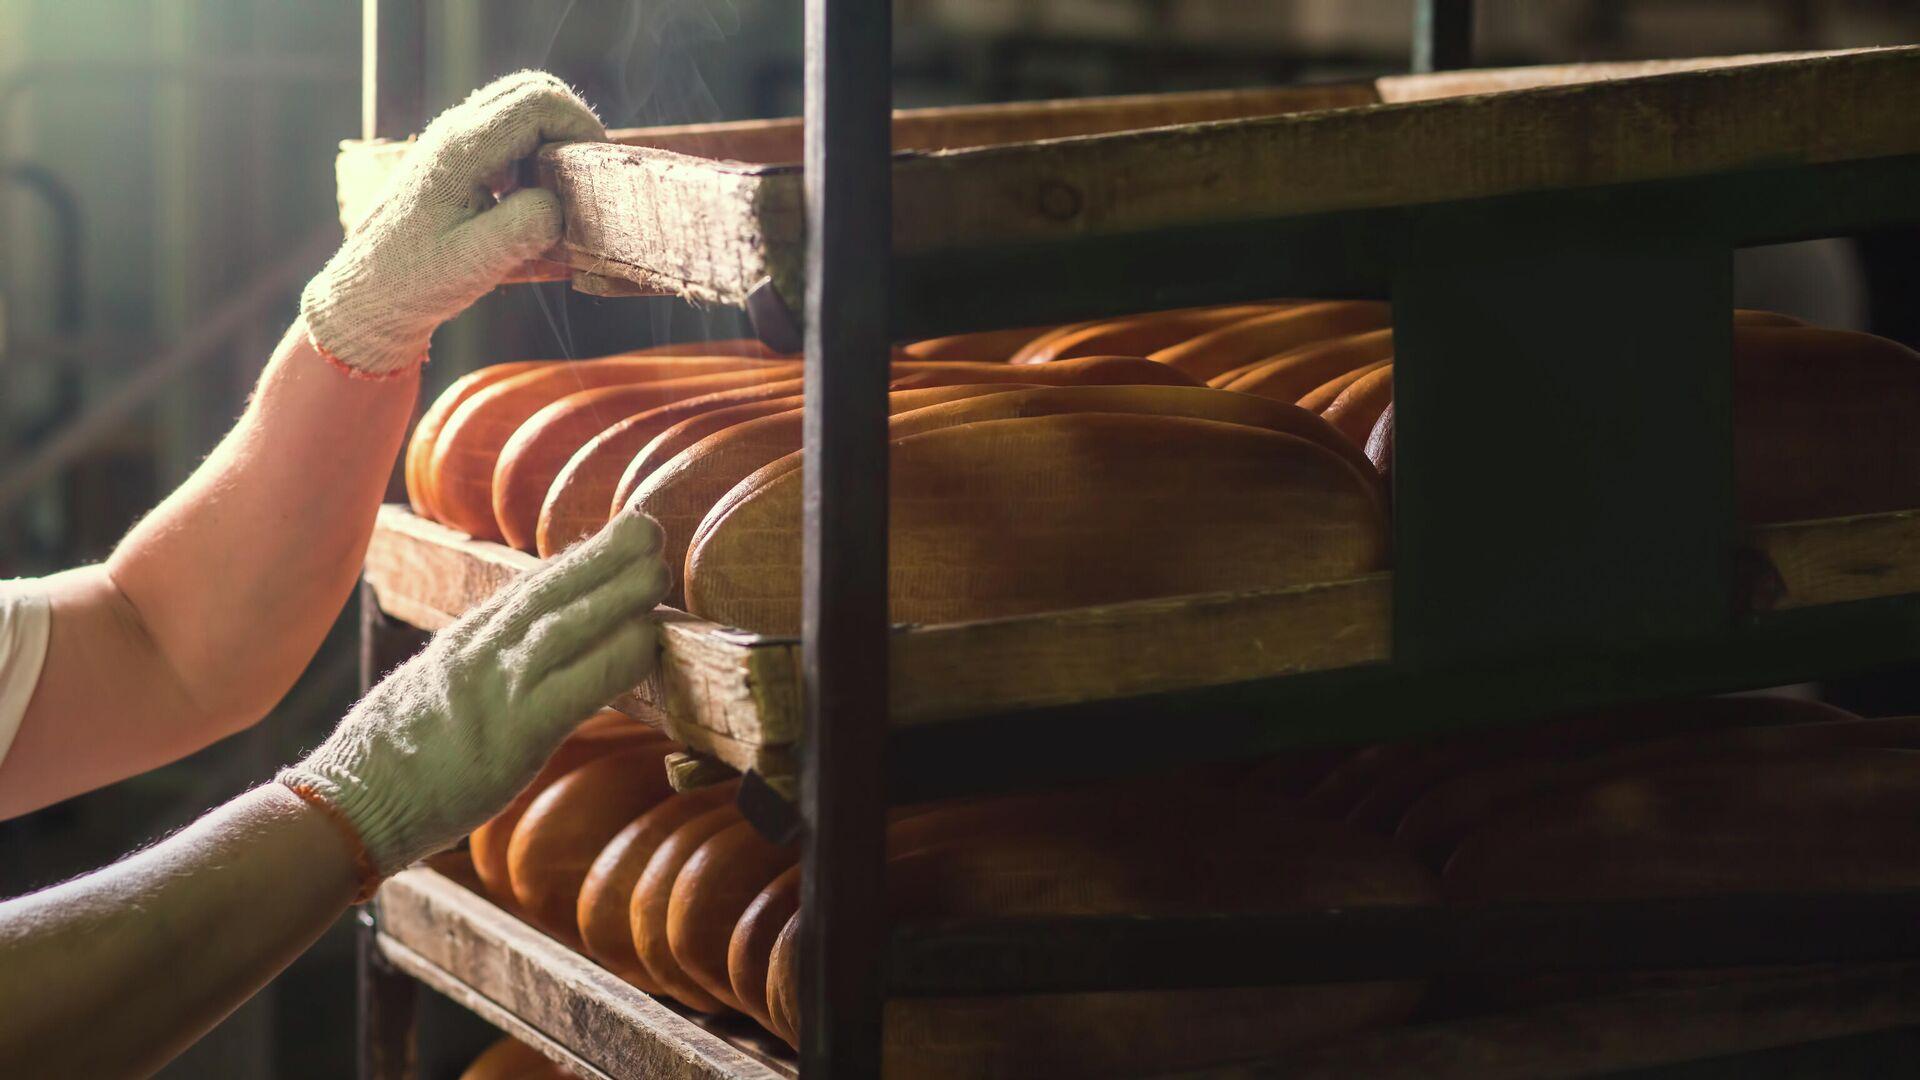 Свежеиспеченный хлеб  - РИА Новости, 1920, 24.01.2021